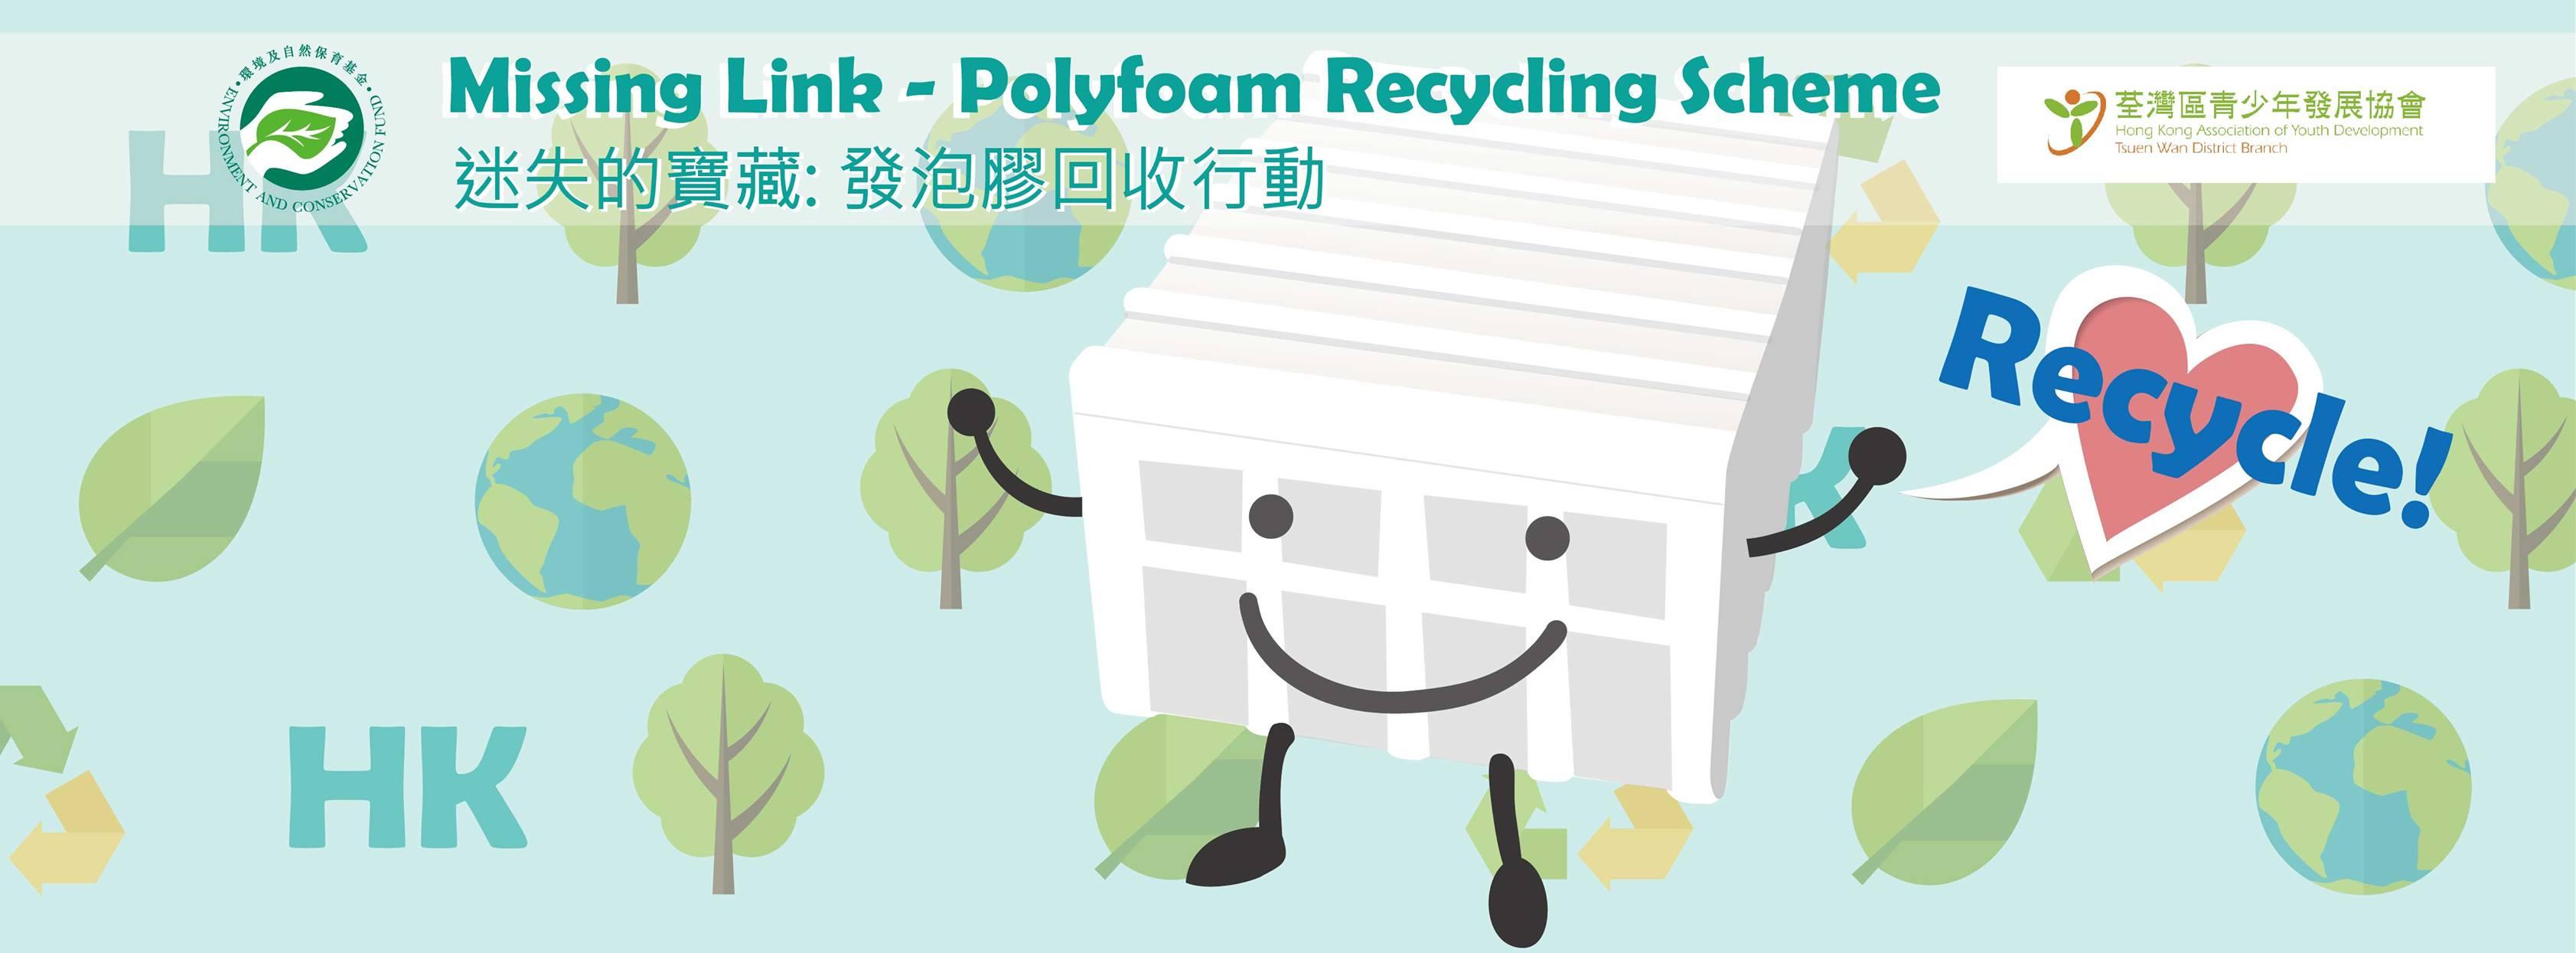 迷失的寶藏: 發泡膠回收行動 Missing Link- Polyfoam Recycling Scheme